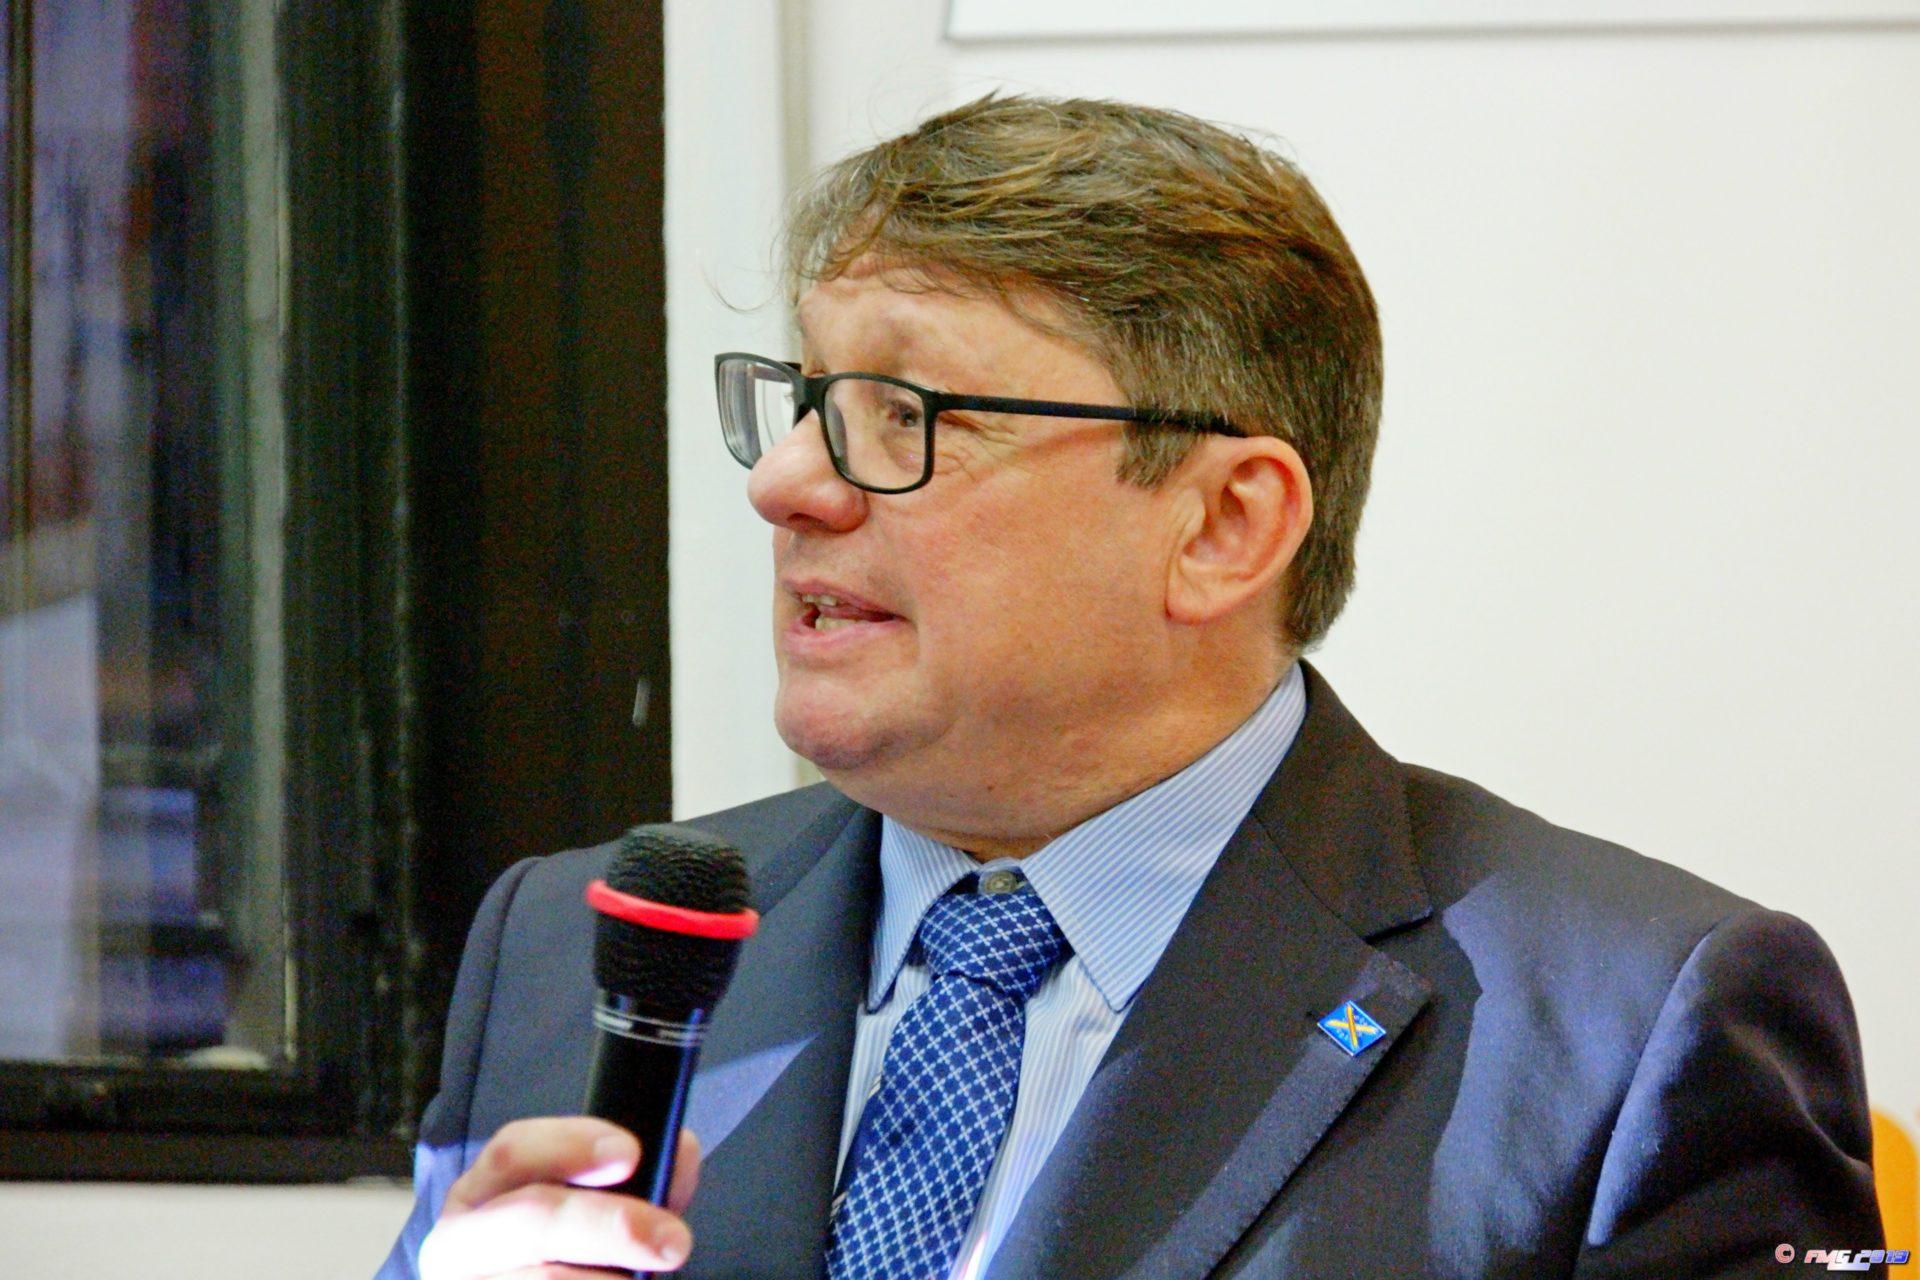 Entrevista a Martín Sáenz de Ynestrillas tras su nombramiento como cabeza de lista por ADÑ para las Europeas